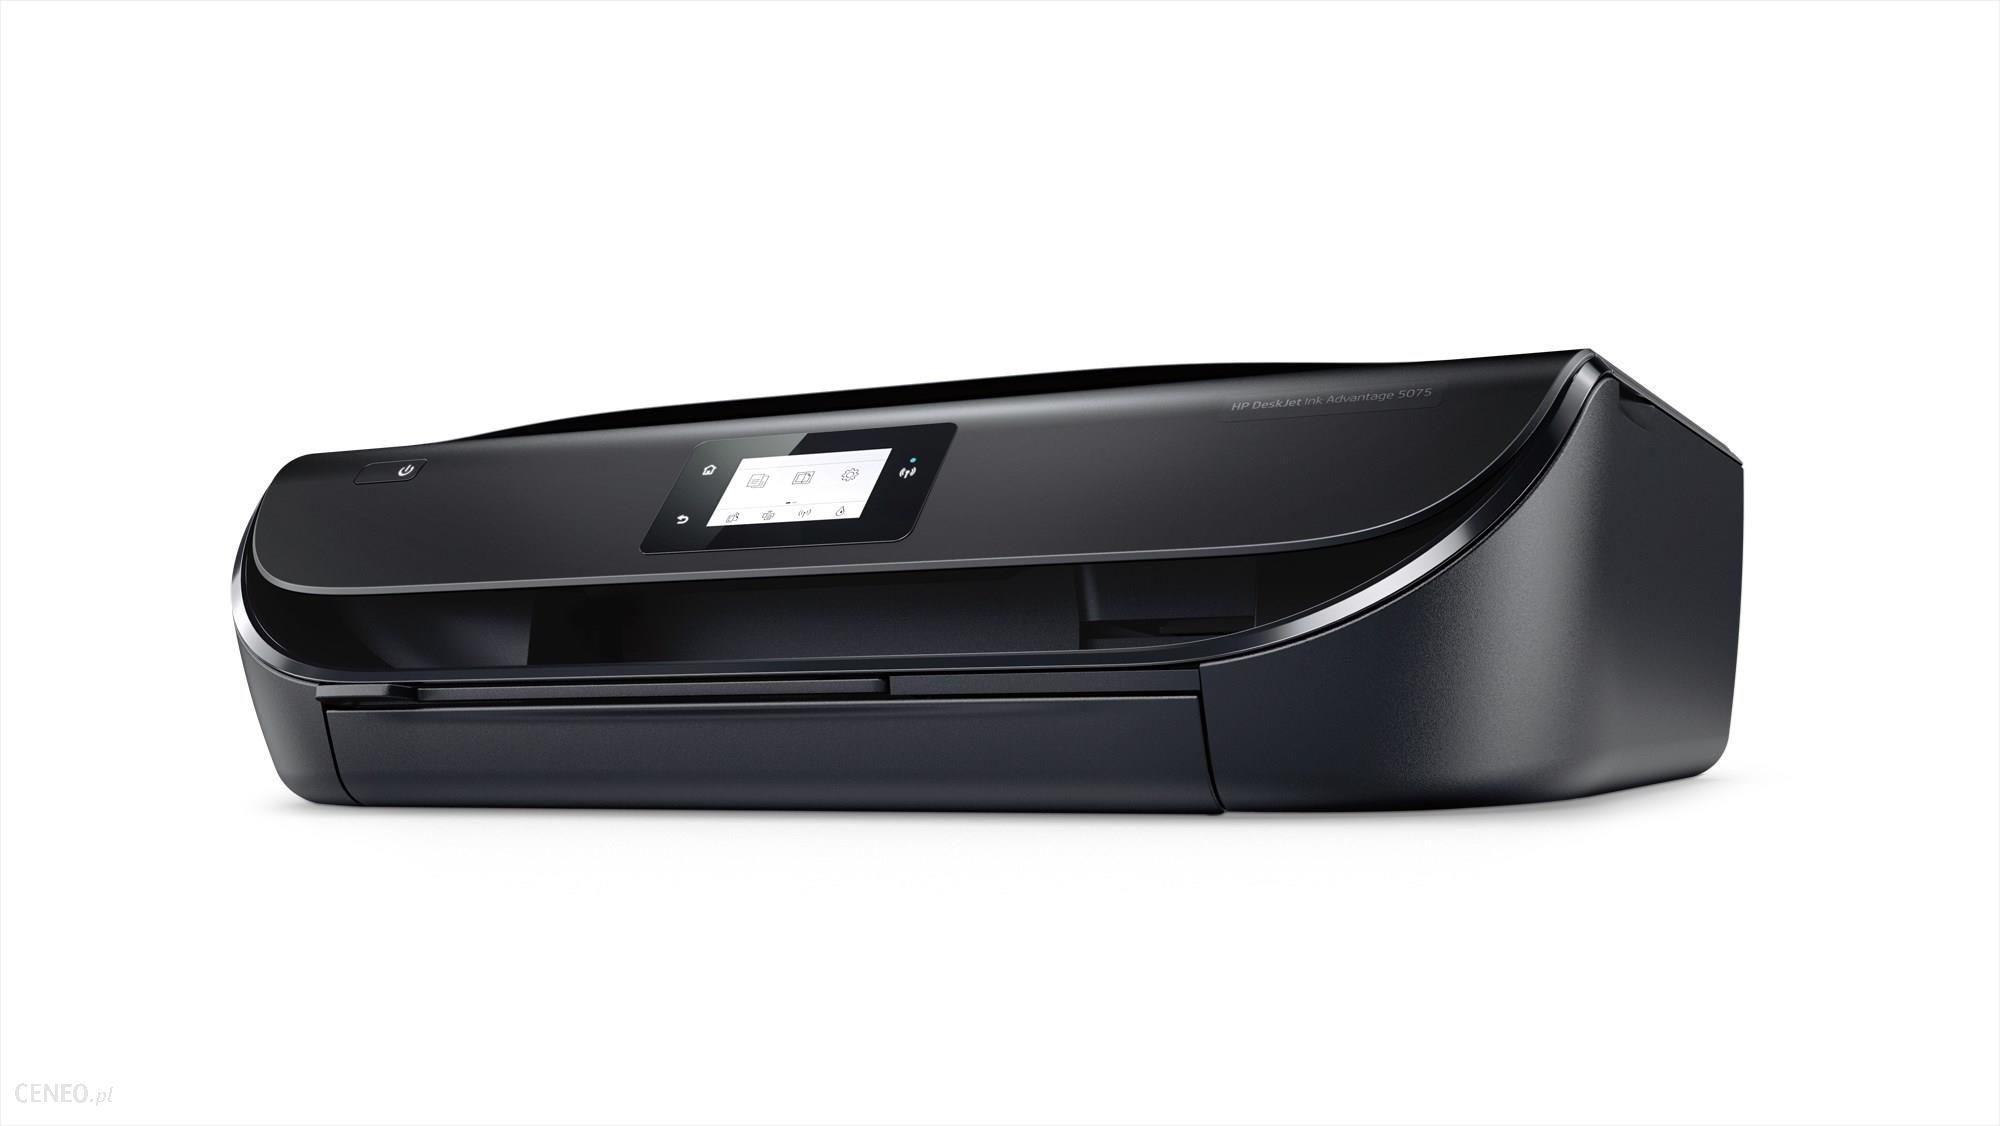 Urzdzenie Wielofunkcyjne Hp Deskjet Ink Advantage 5075 M2u86c Printer 4675 All In One Drukarka Zdjcie 3